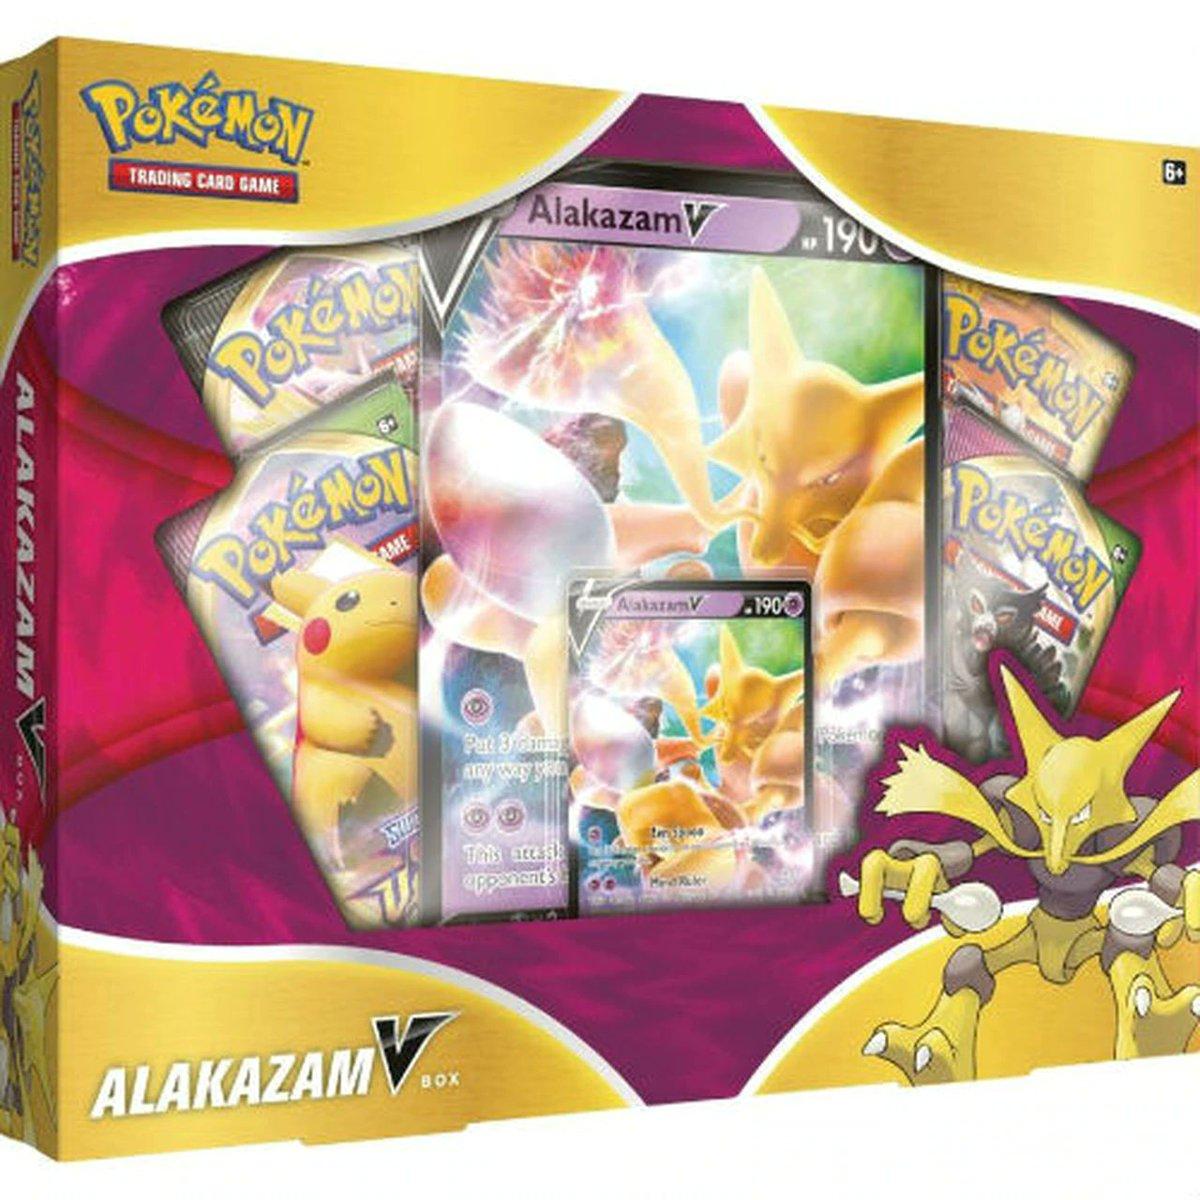 Pokemon - Alakazam V box restocked at Gamenerdz at 10% off, $17.97 each (MSRP $20)    #pokemon #pokemontcg #pokemoncards #ptcgo #pokemongo #pokemonswordshield #swsh #vividvoltage #crowntundra #pikachuv #alakazam #kadabra #pogo #nintendo #pokemonsnap #tcg